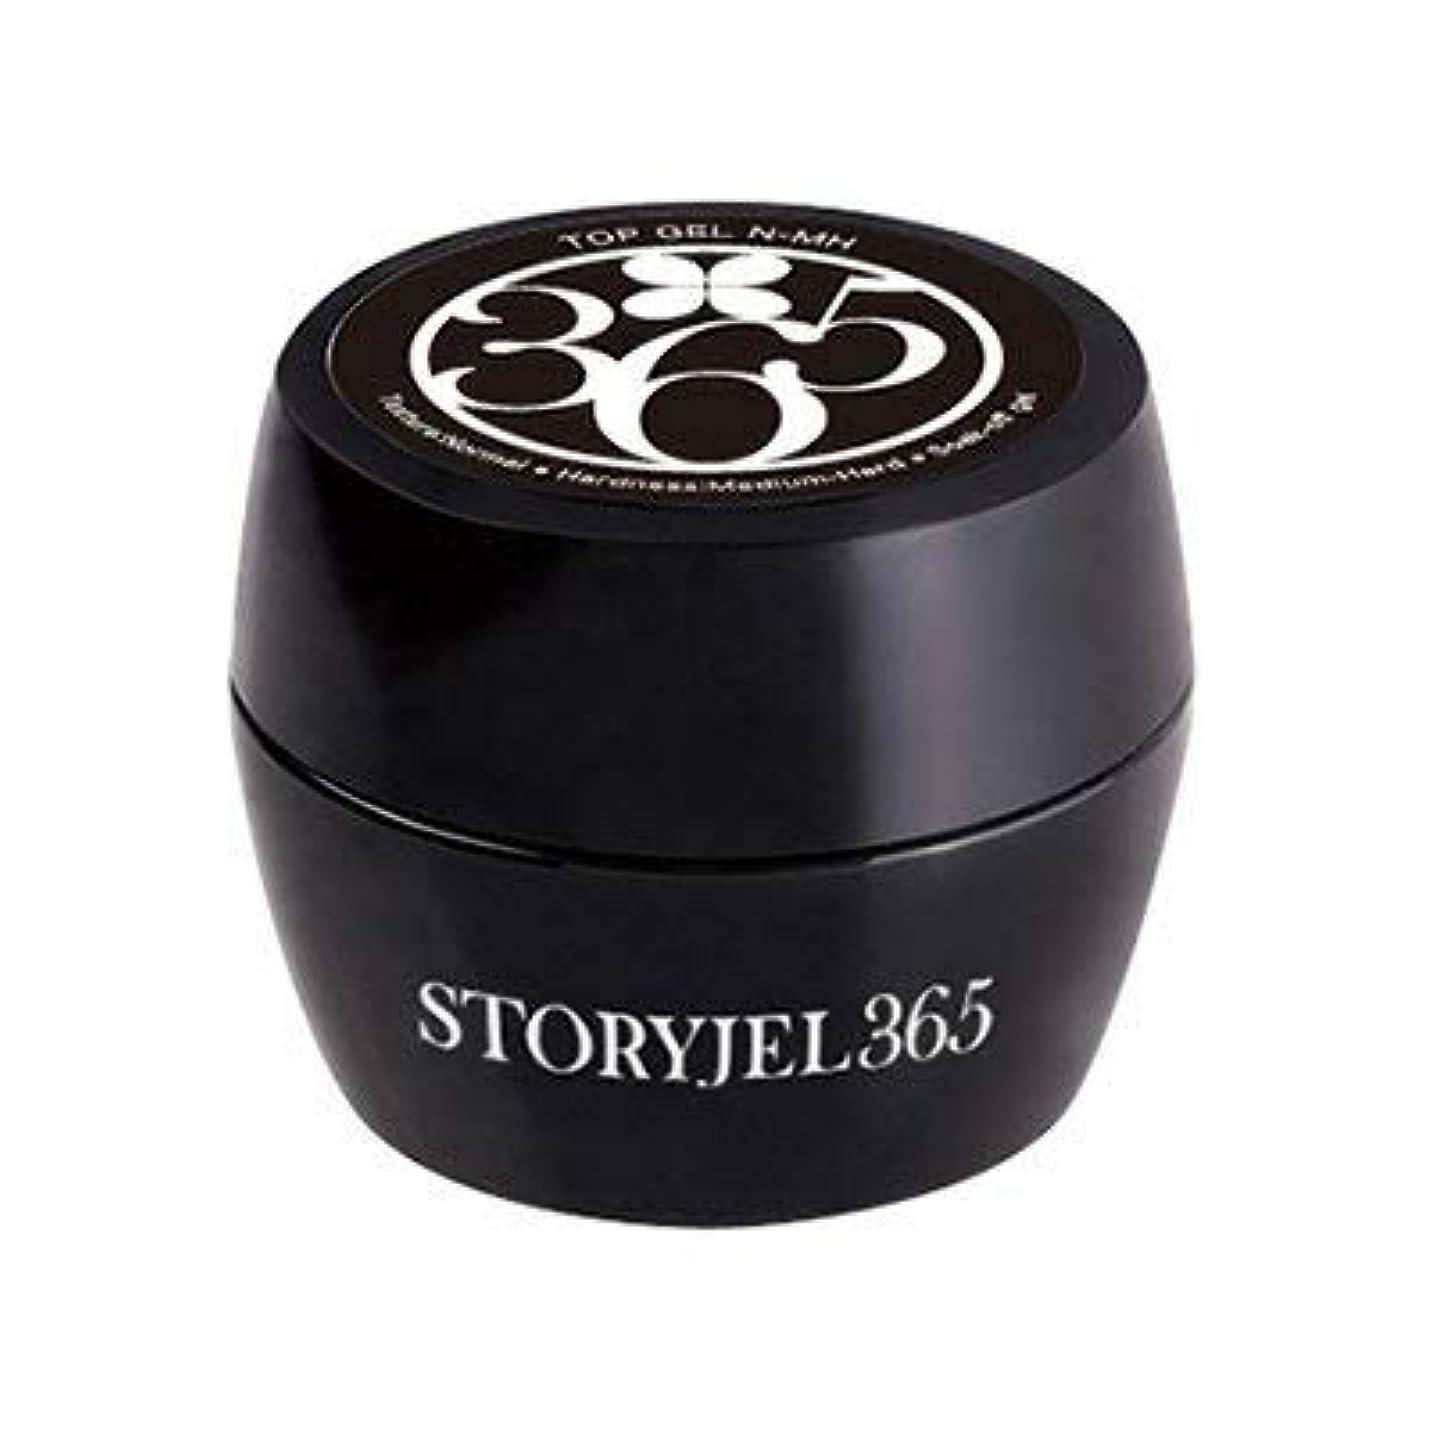 ホールドオール慈悲幼児STORYJEL365 トップジェル 15g (ストーリージェル) SJ-TOP-NMH-D